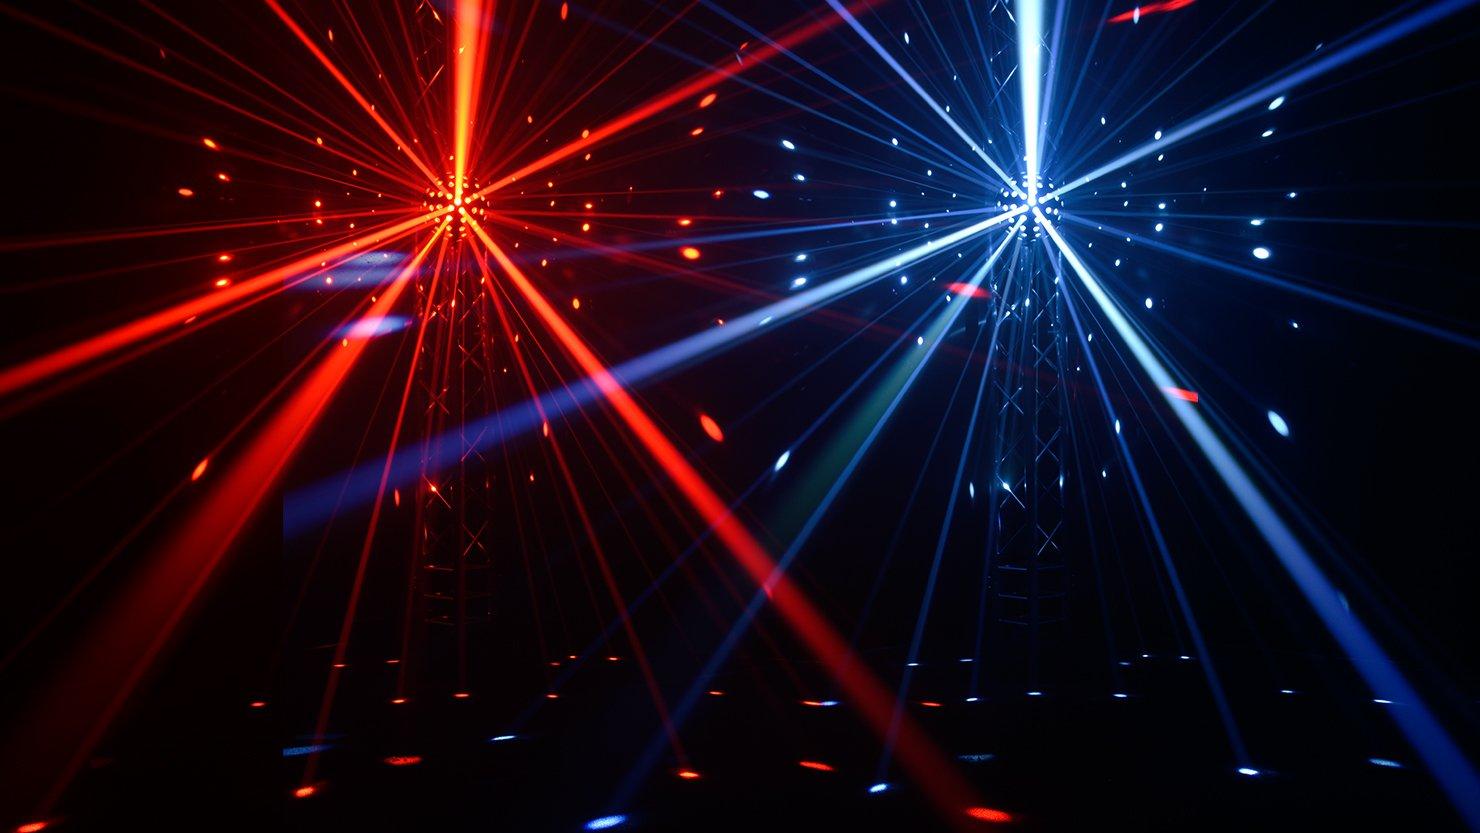 CHAUVET DJ Rotosphere Q3 (ROTOSPHEREQ3) Chauvet Lighting